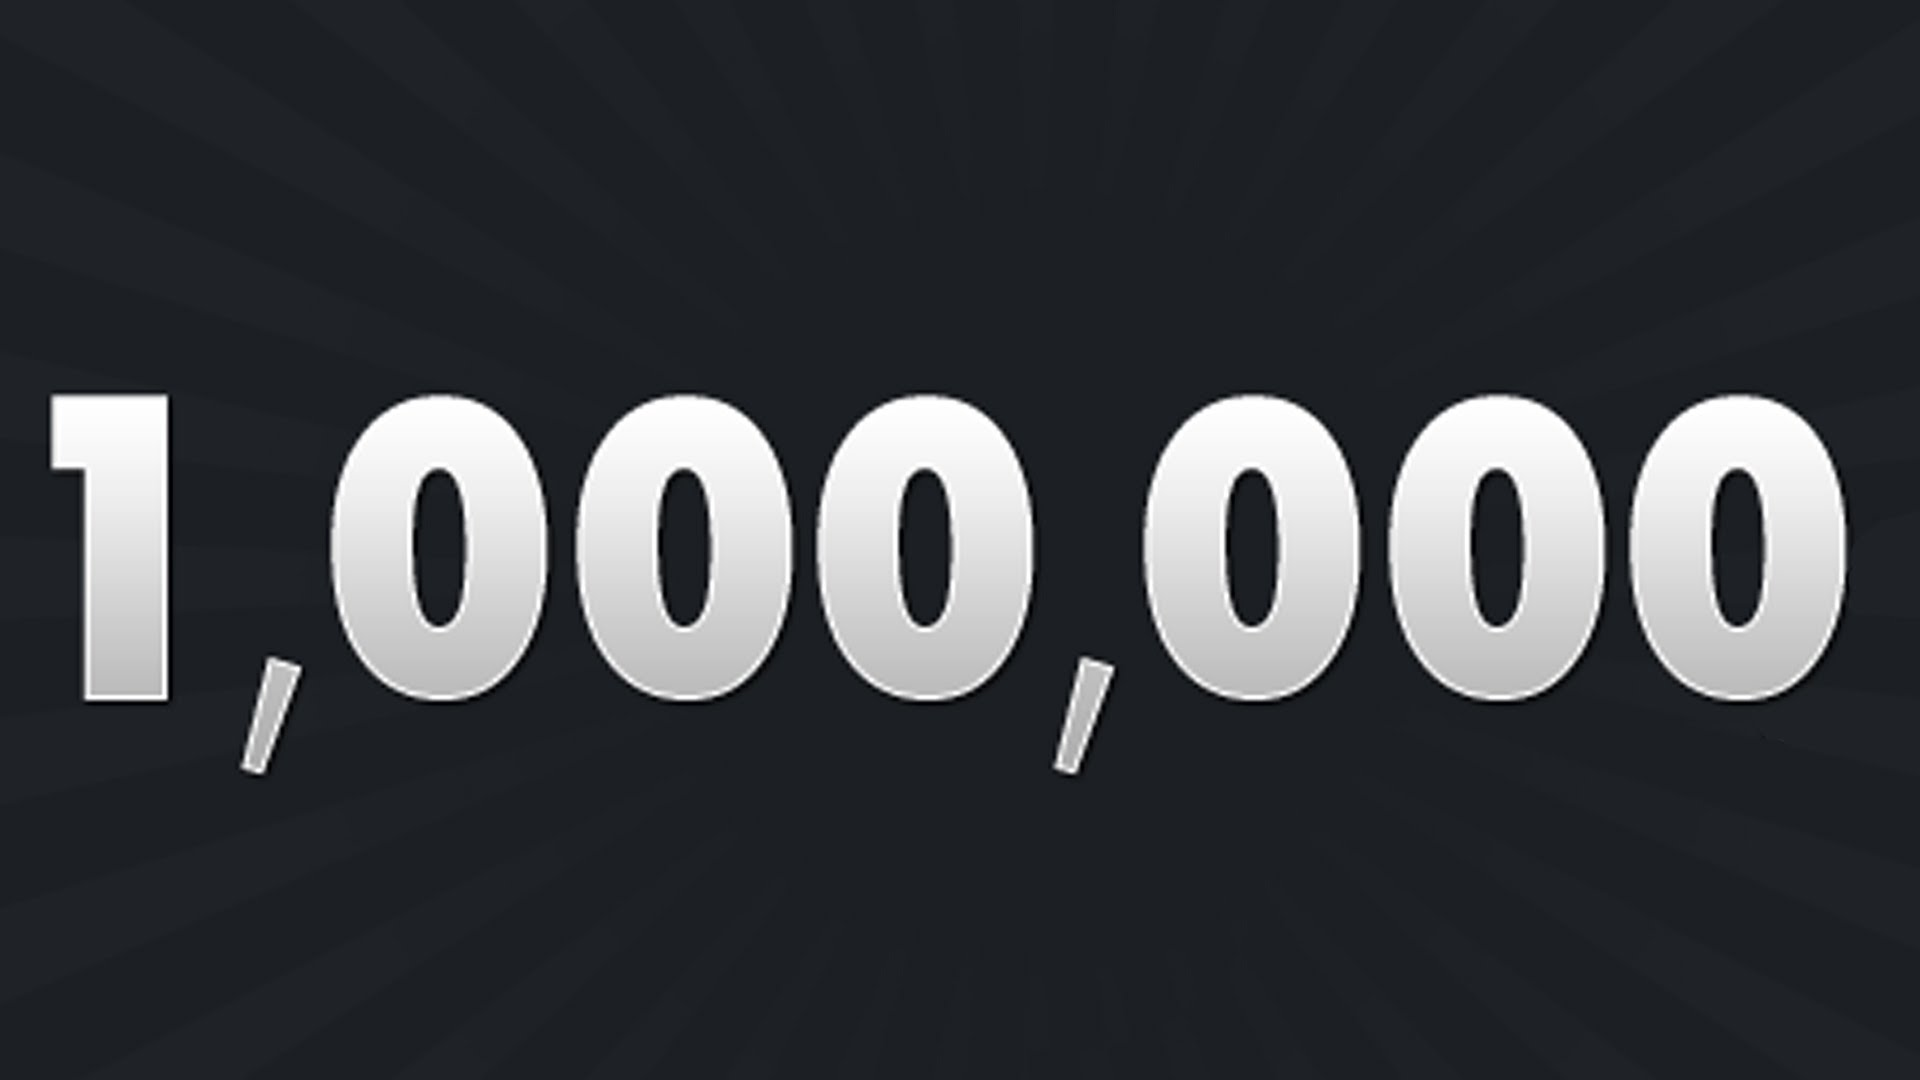 1 million 1